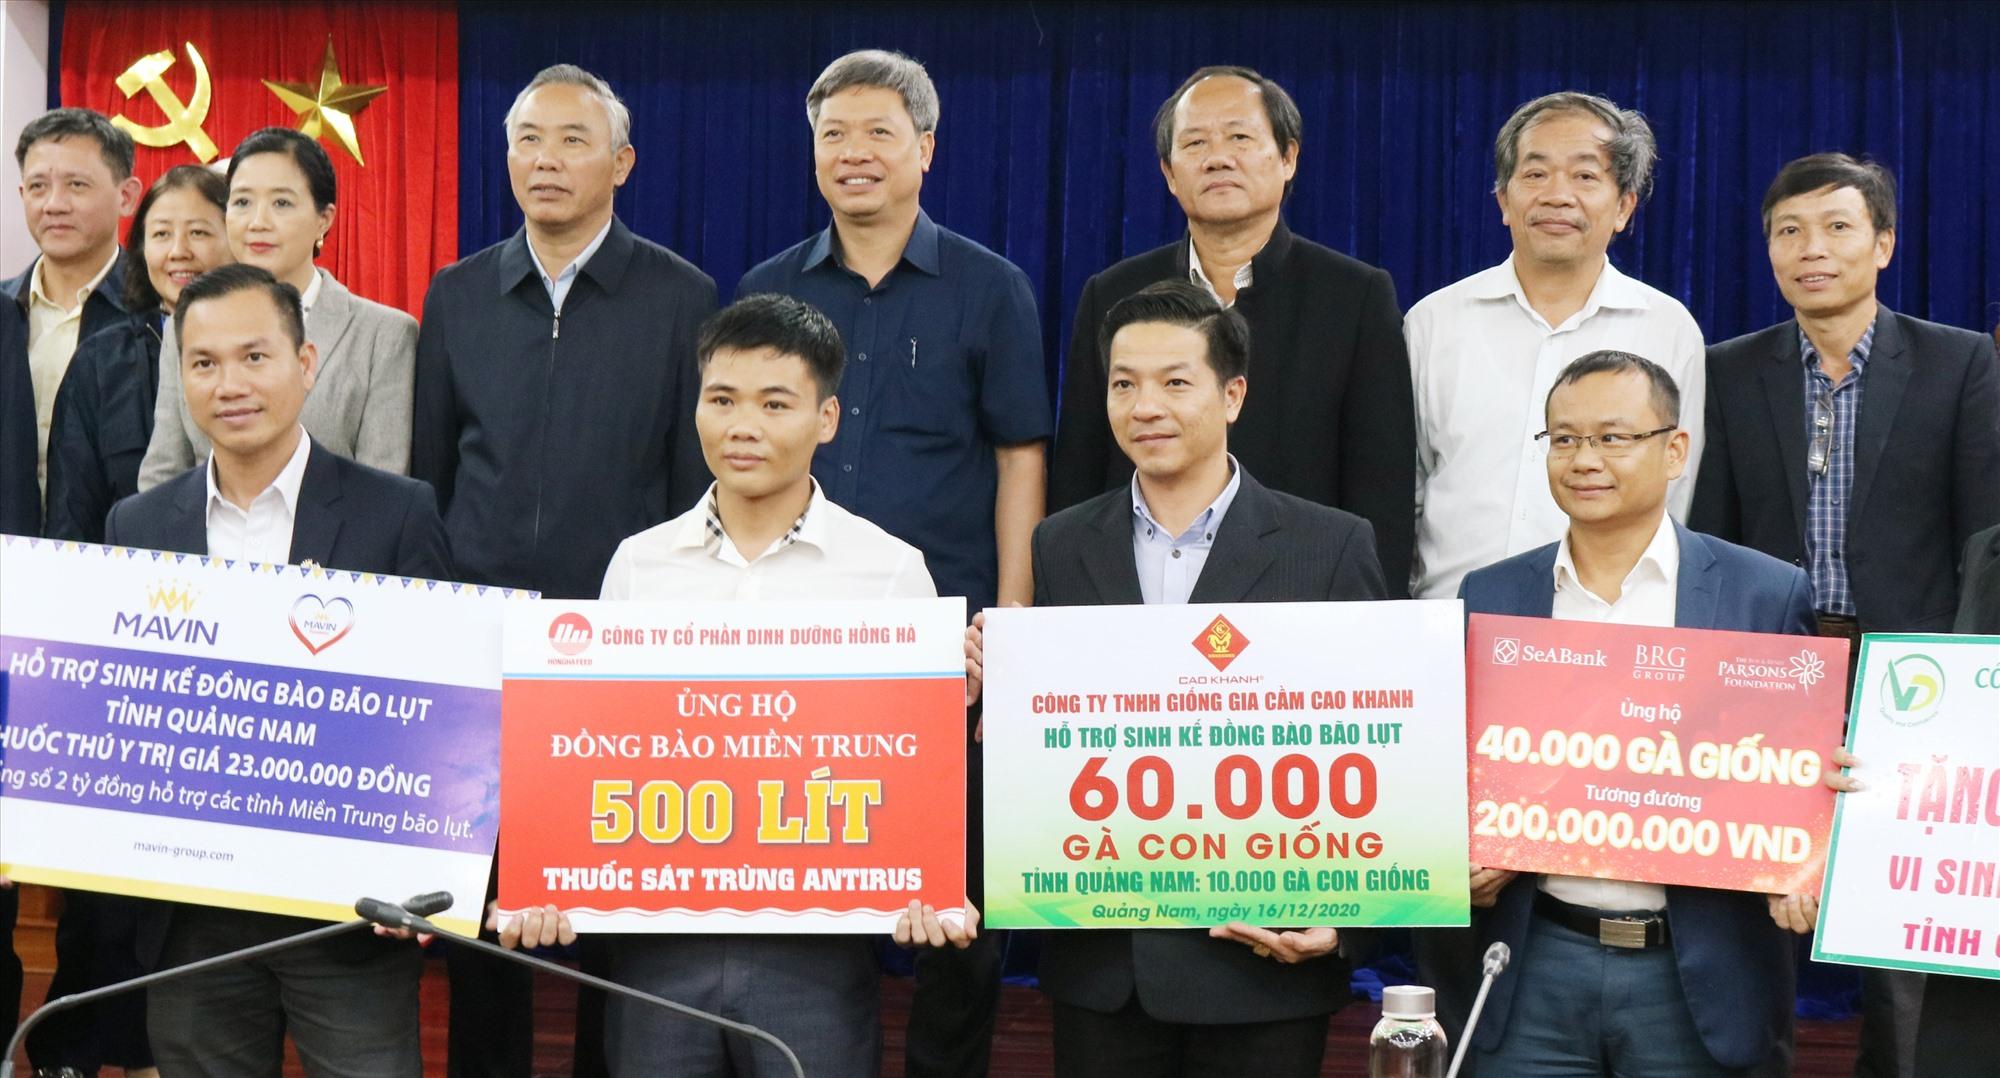 Phó Chủ tịch UBND tỉnh Hồ Quang Bửu và lãnh đạo Sở NN&PTNT tiếp nhận nguồn hỗ trợ từ các doanh nghiệp.   Ảnh: N.P